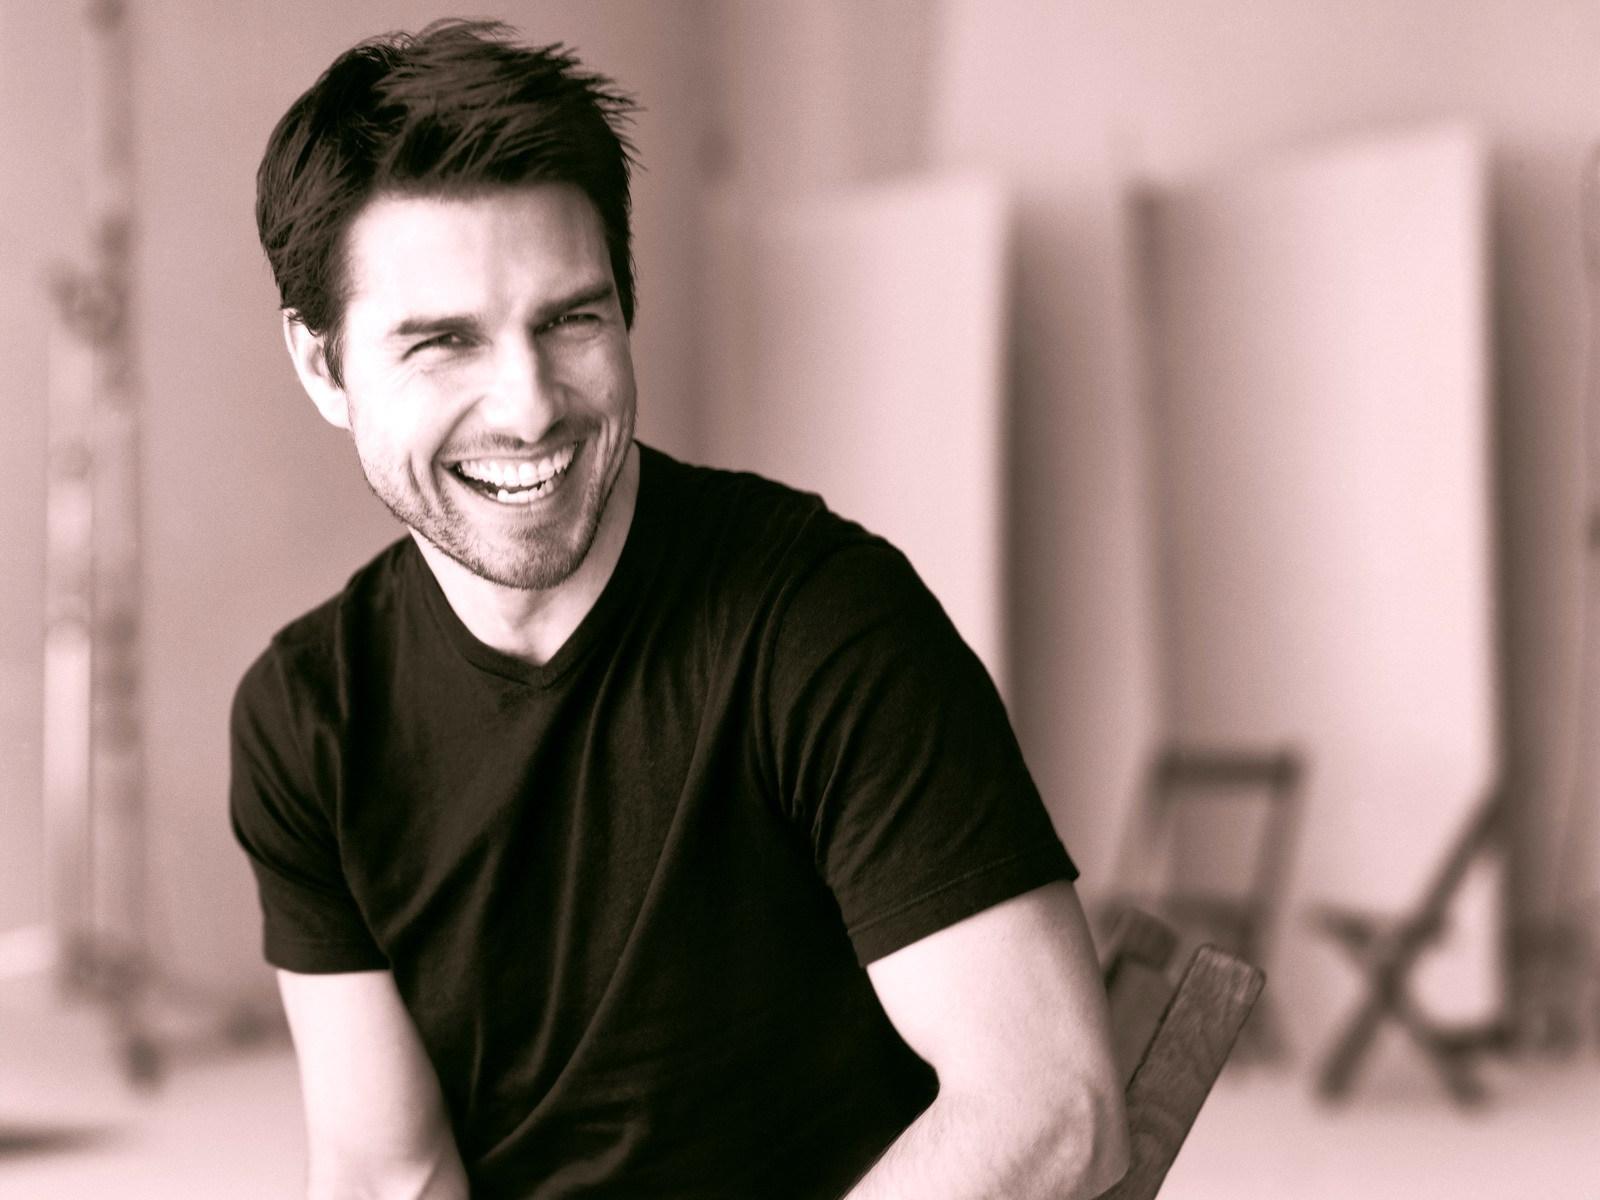 Movie actor Tom Cruise...